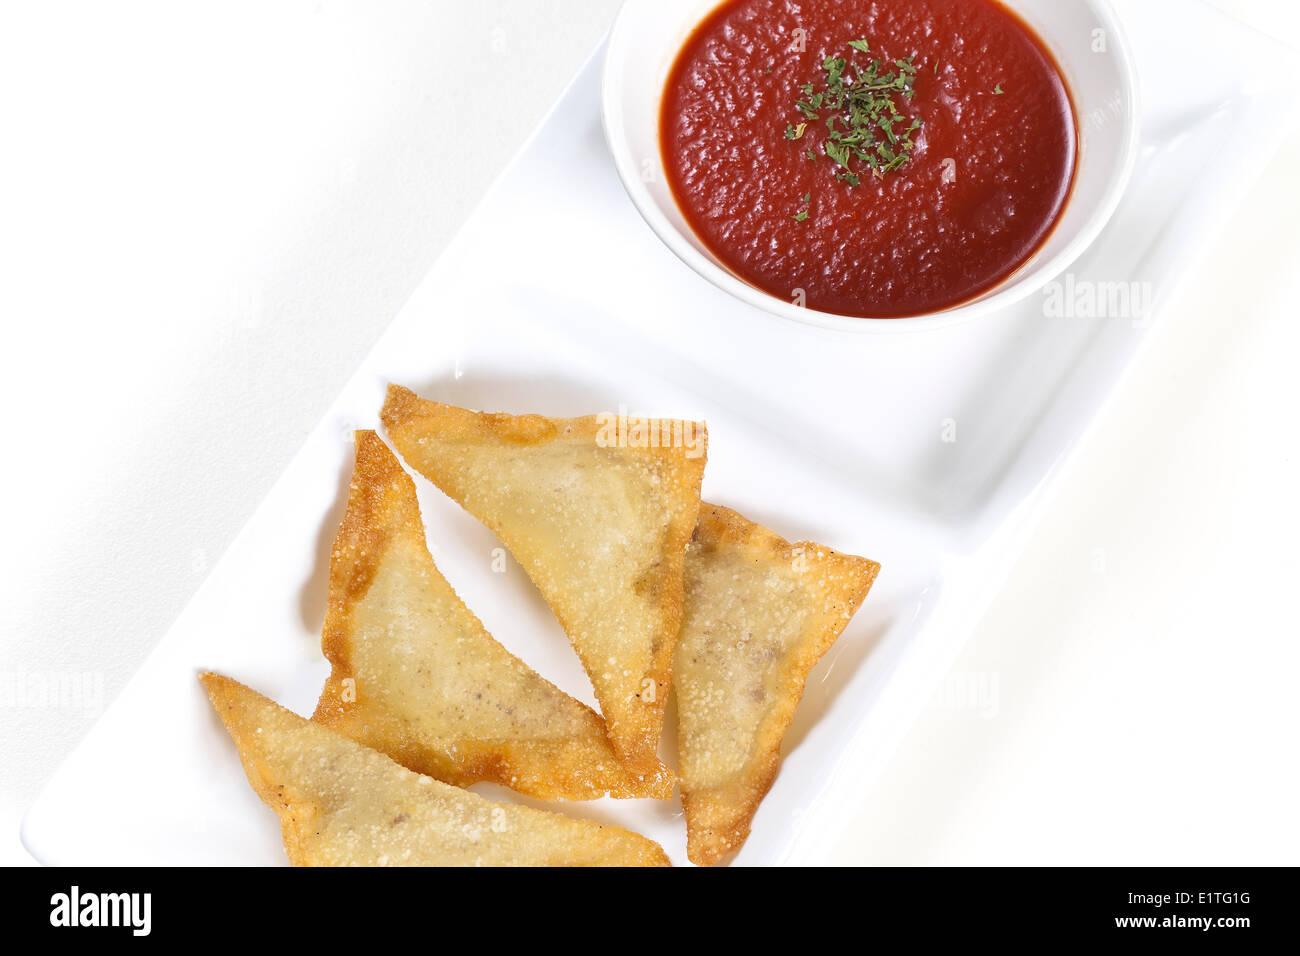 Wontons with Marinara Sauce, Appetizer Stock Photo